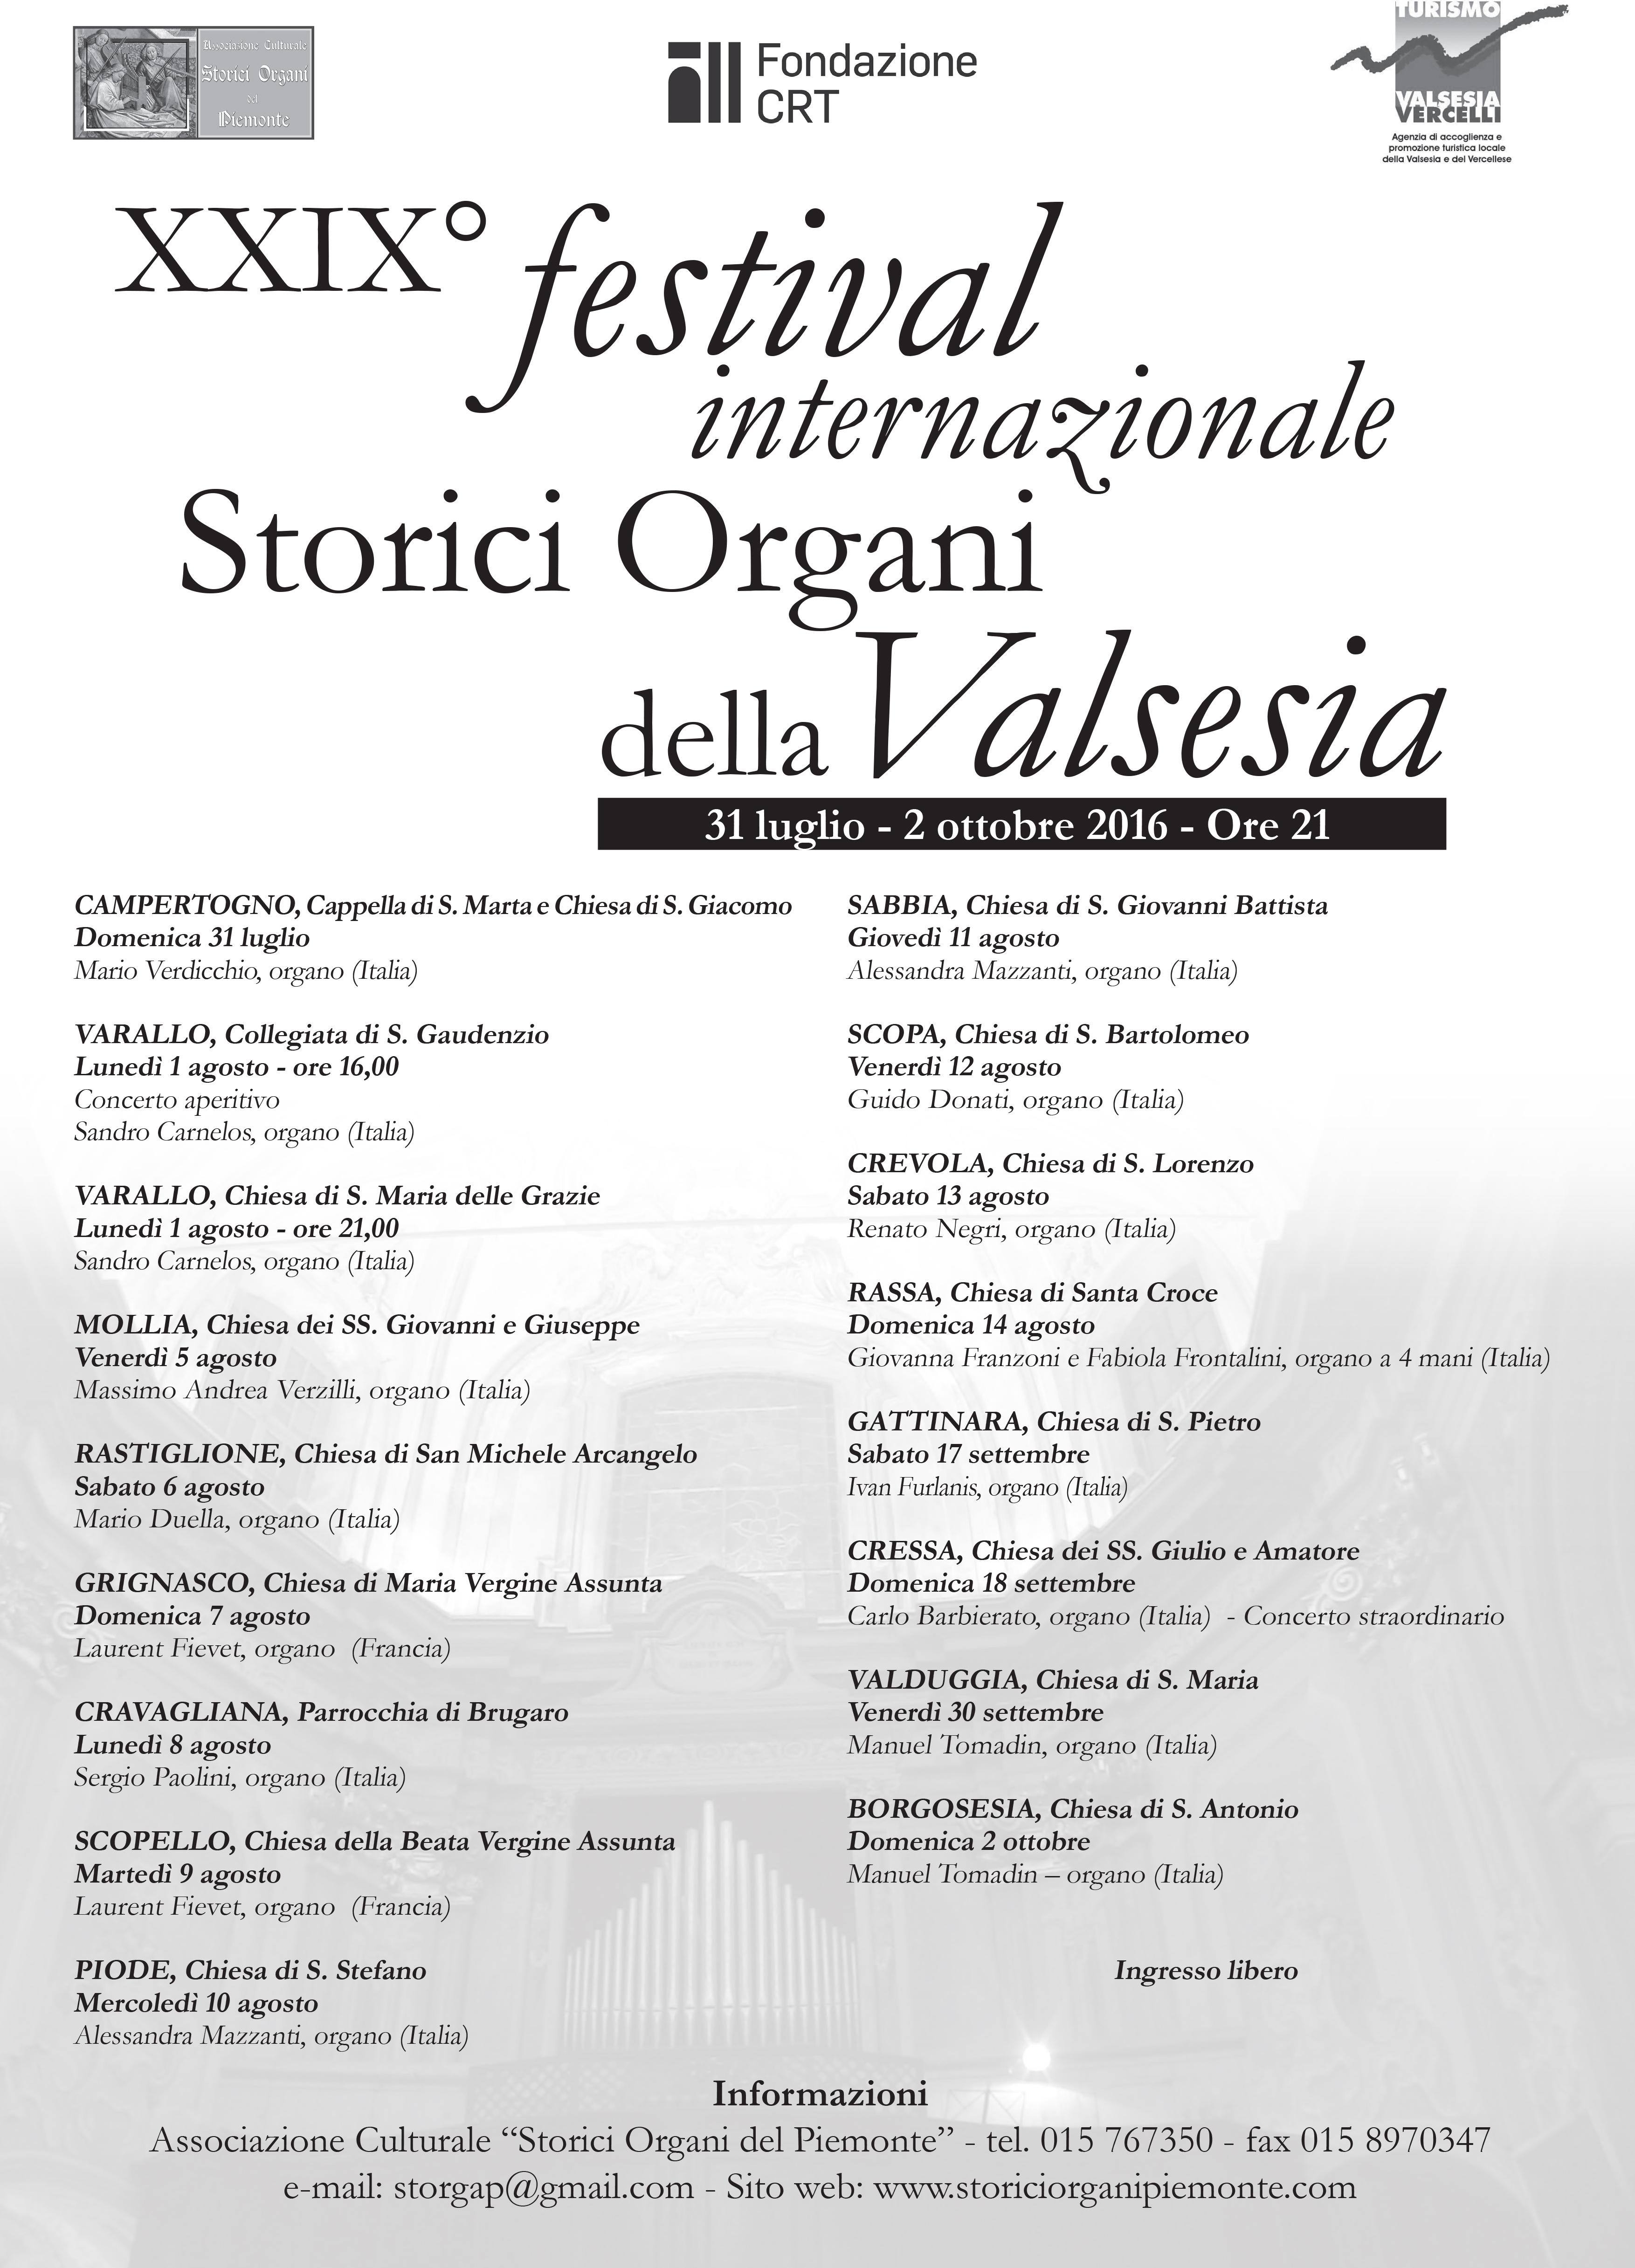 Guido Donati_Locandina Festival Internazionale Storici Organi della Valsesia - Scopa